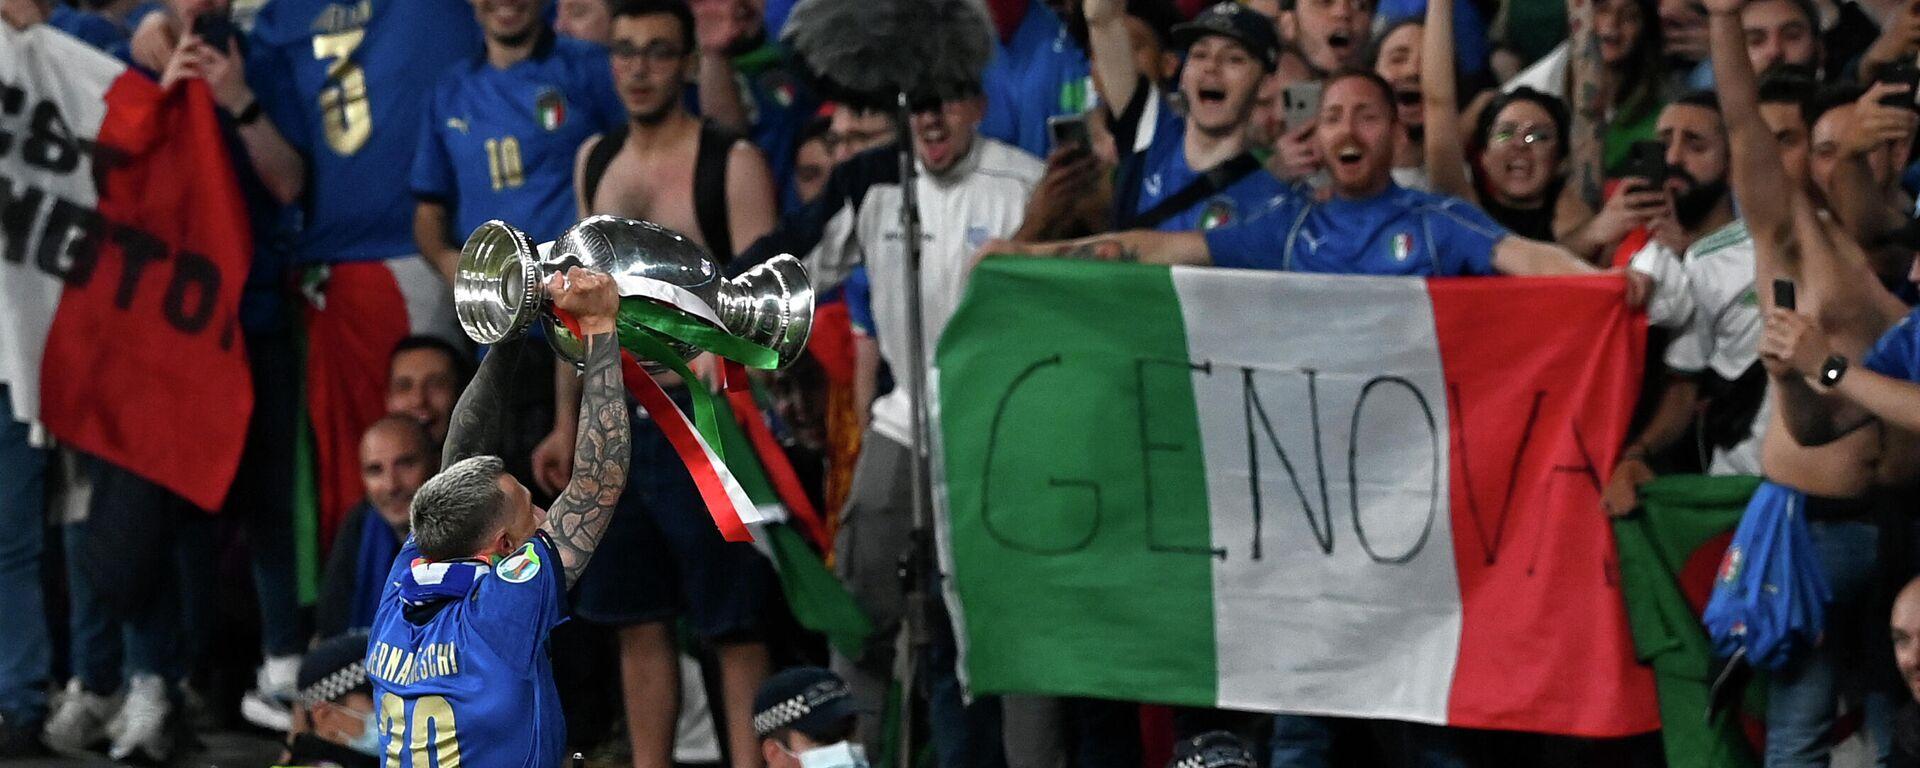 Οπαδοί της Ιταλίας στον τελικό του EURO - Sputnik Ελλάδα, 1920, 15.09.2021